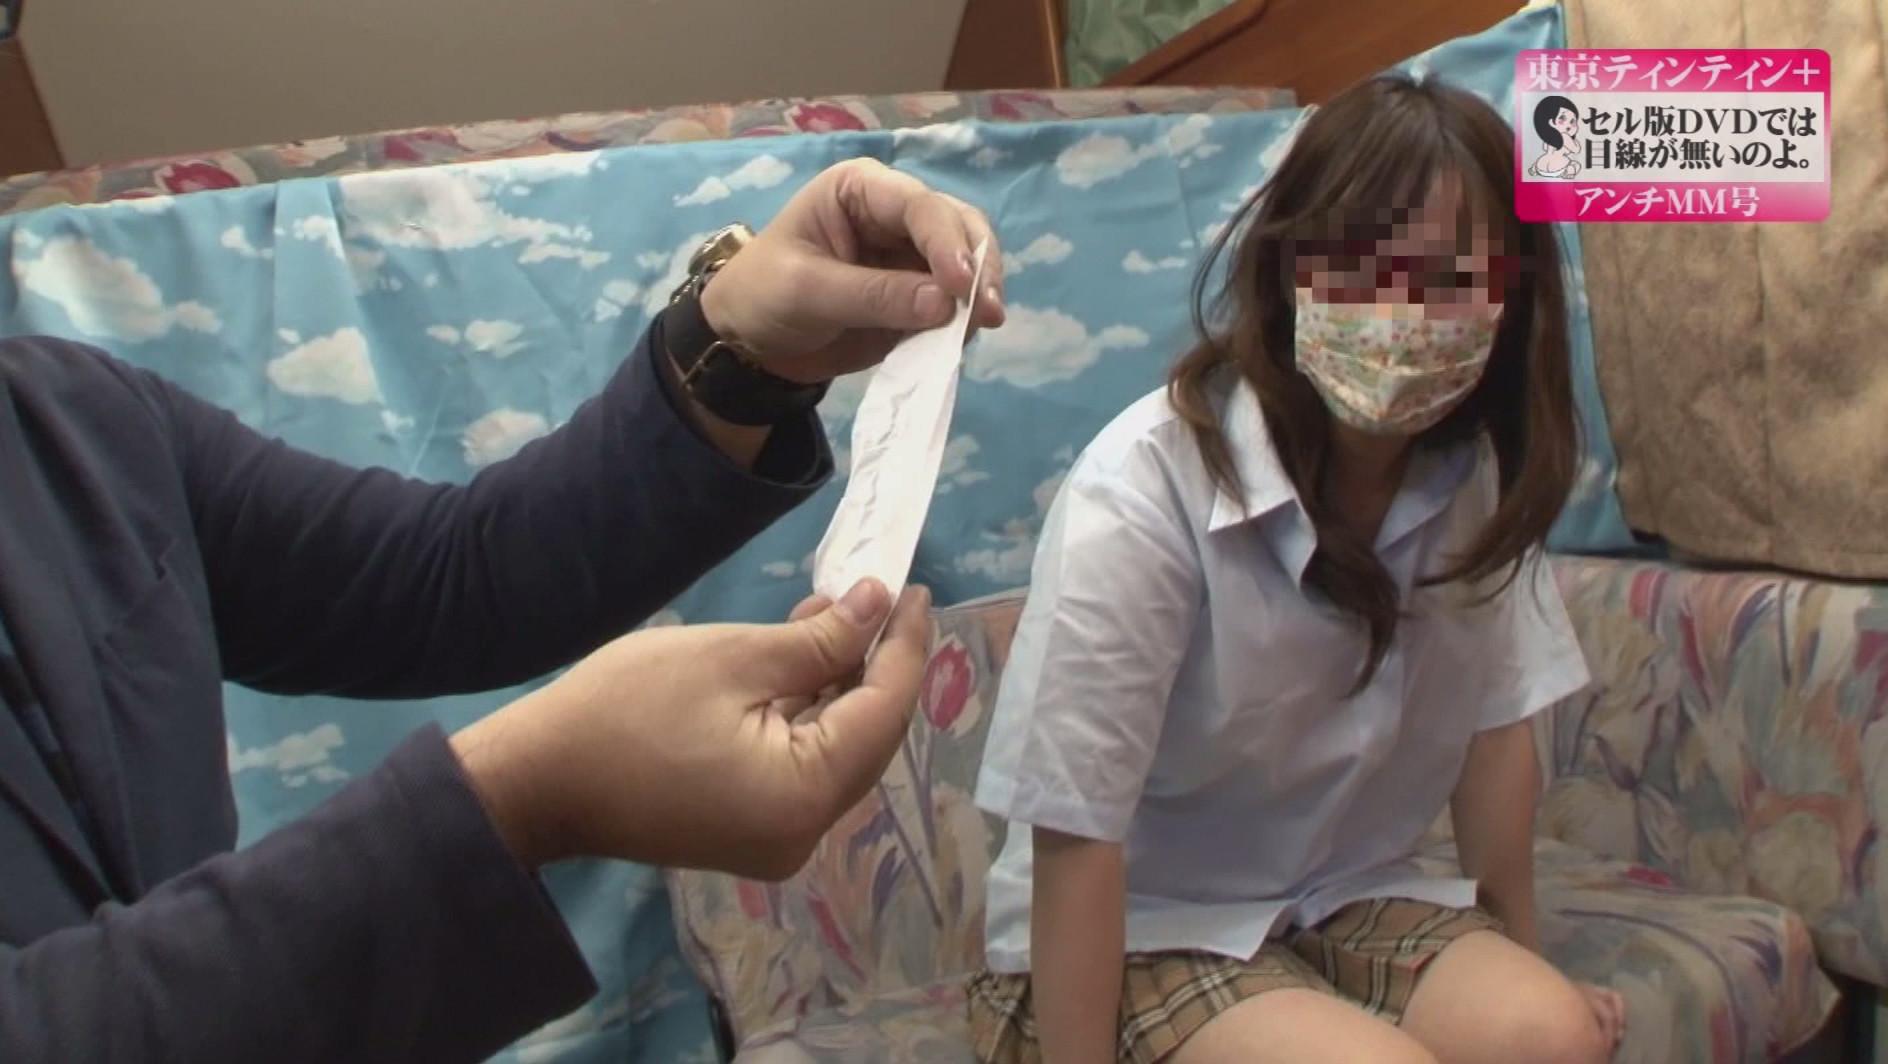 本物の素人ナンパ以外、撮影しておりません。名古屋編より 目線有りVer. かおりちゃん(20歳)大学生 画像19